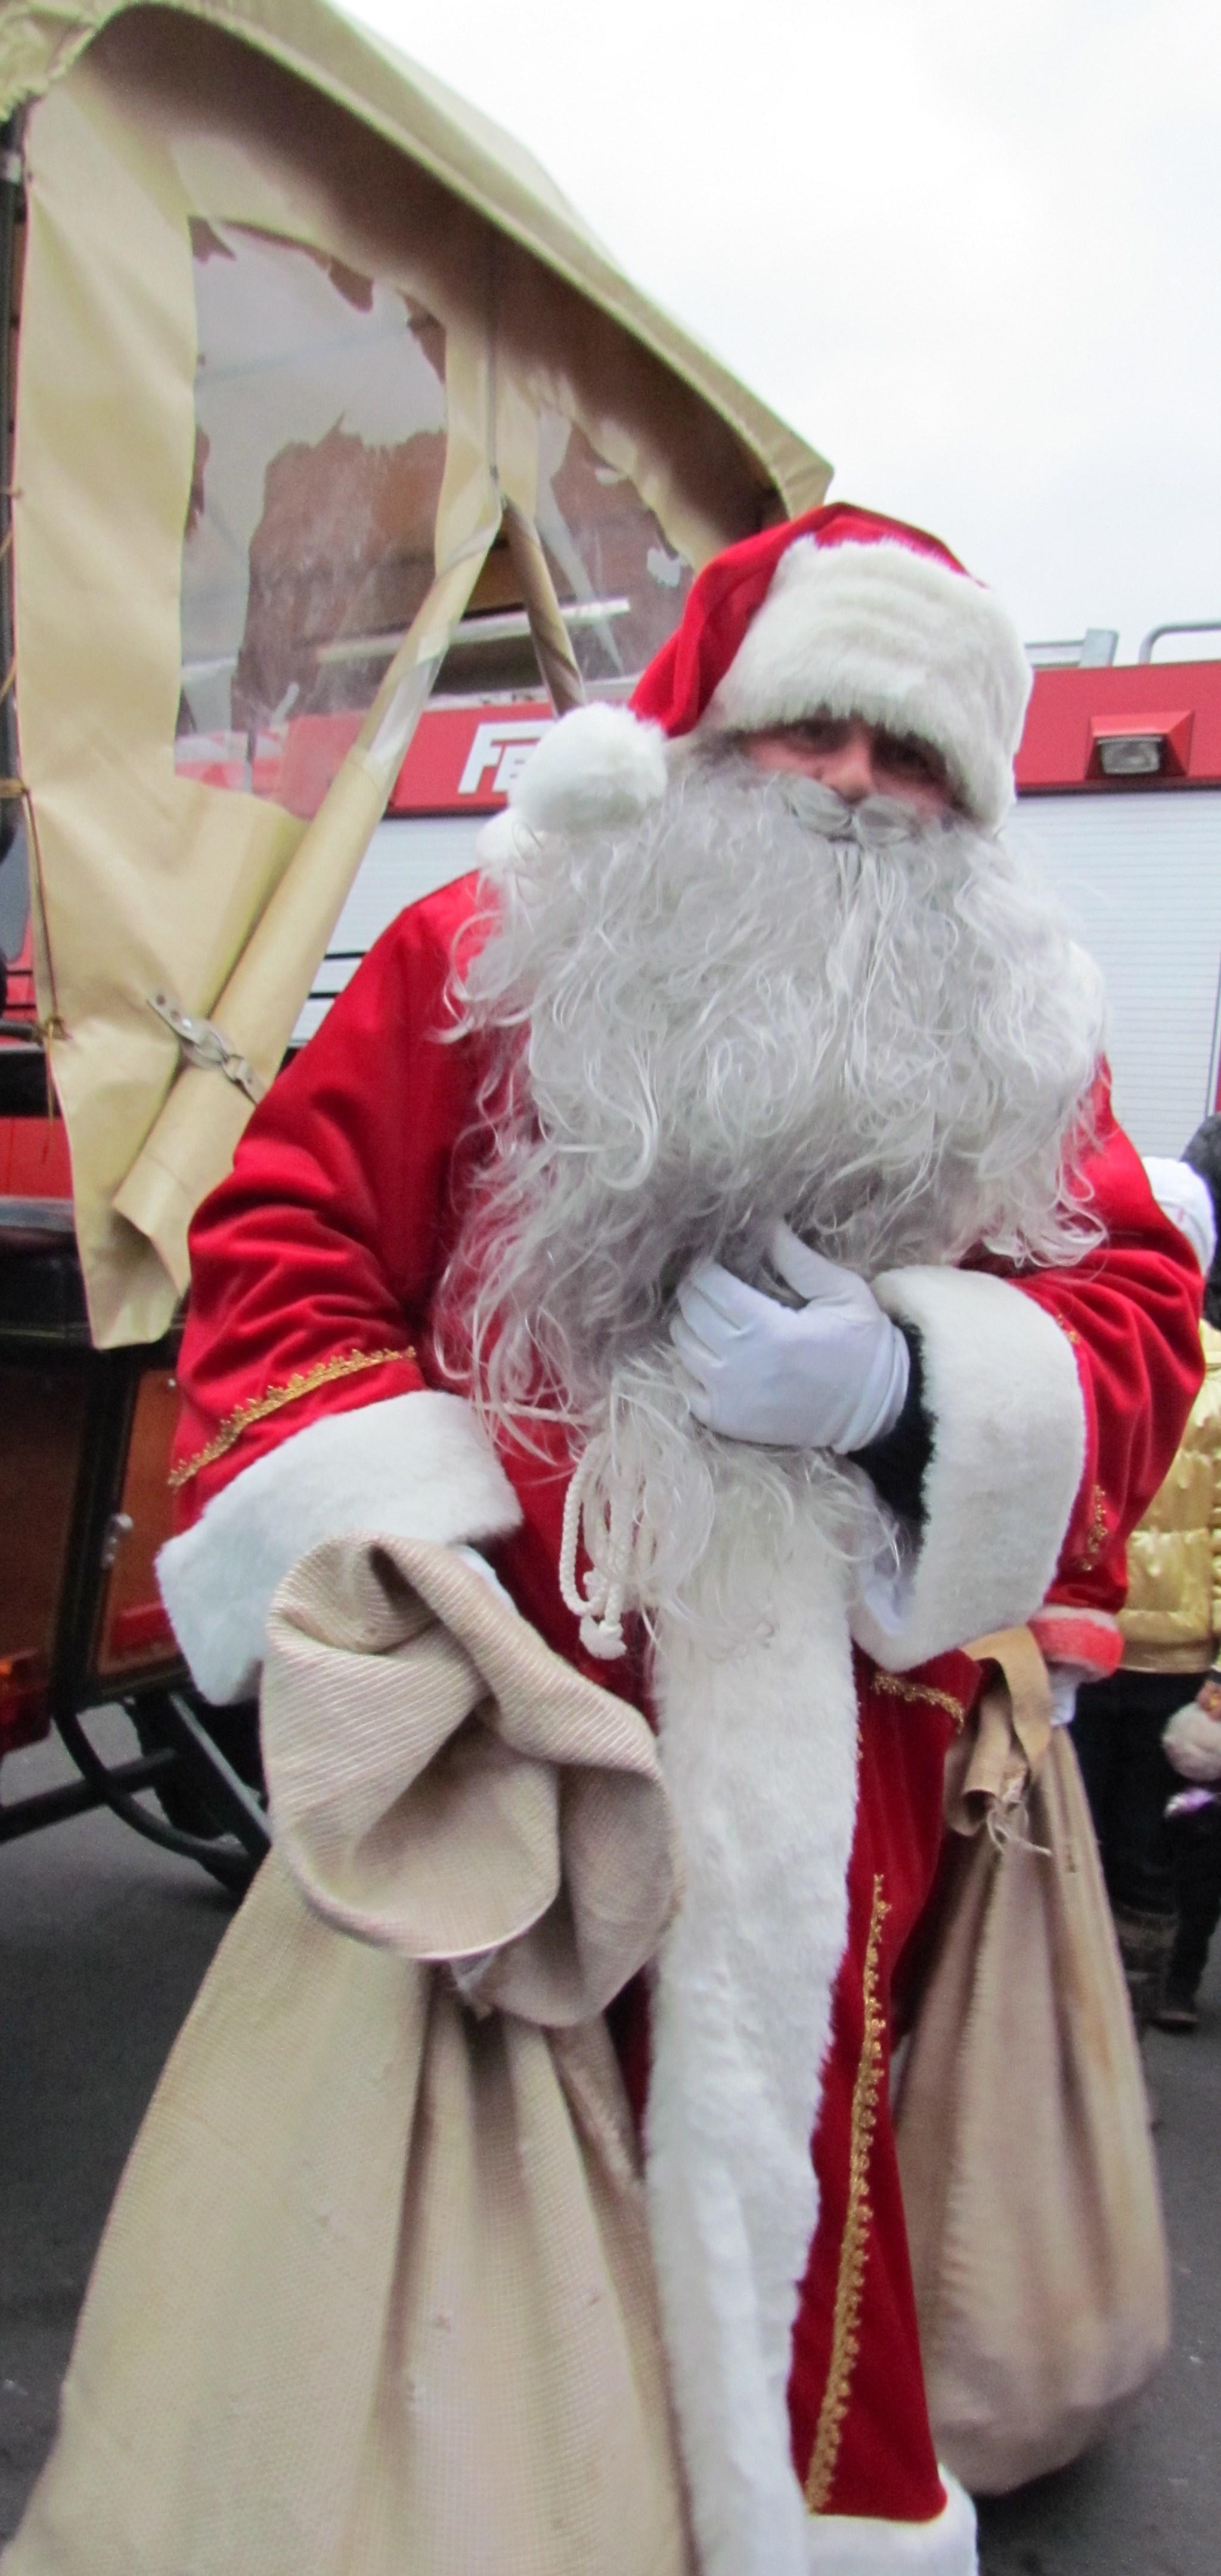 01 Weihnachtsmarkt 01.12.2013 014